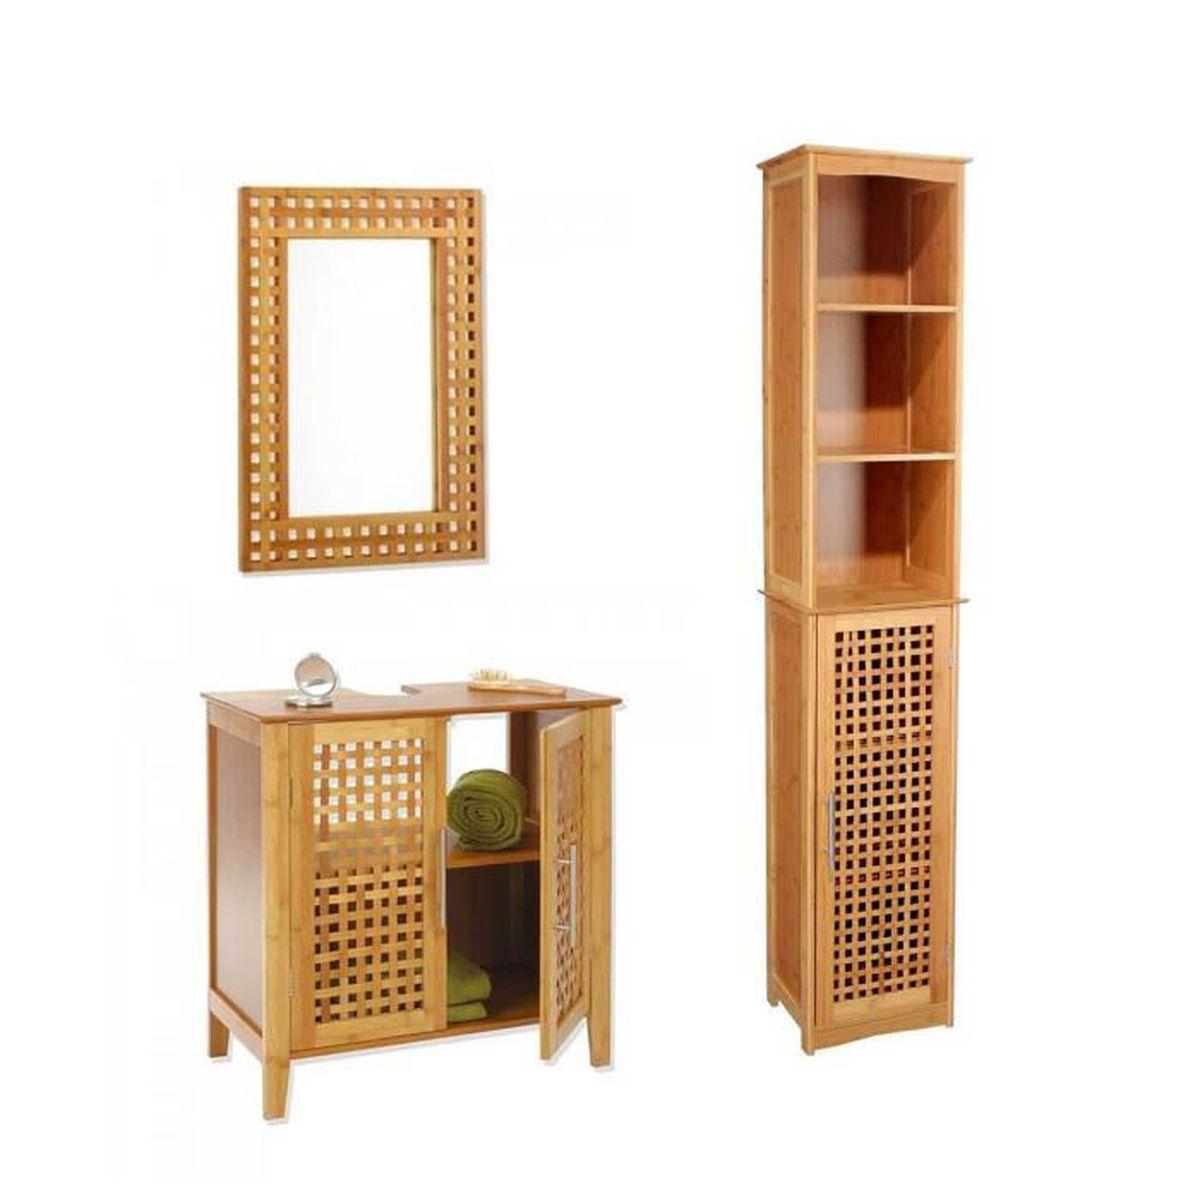 miroirs bambou achat vente miroirs bambou pas cher soldes d s le 10 janvier cdiscount. Black Bedroom Furniture Sets. Home Design Ideas